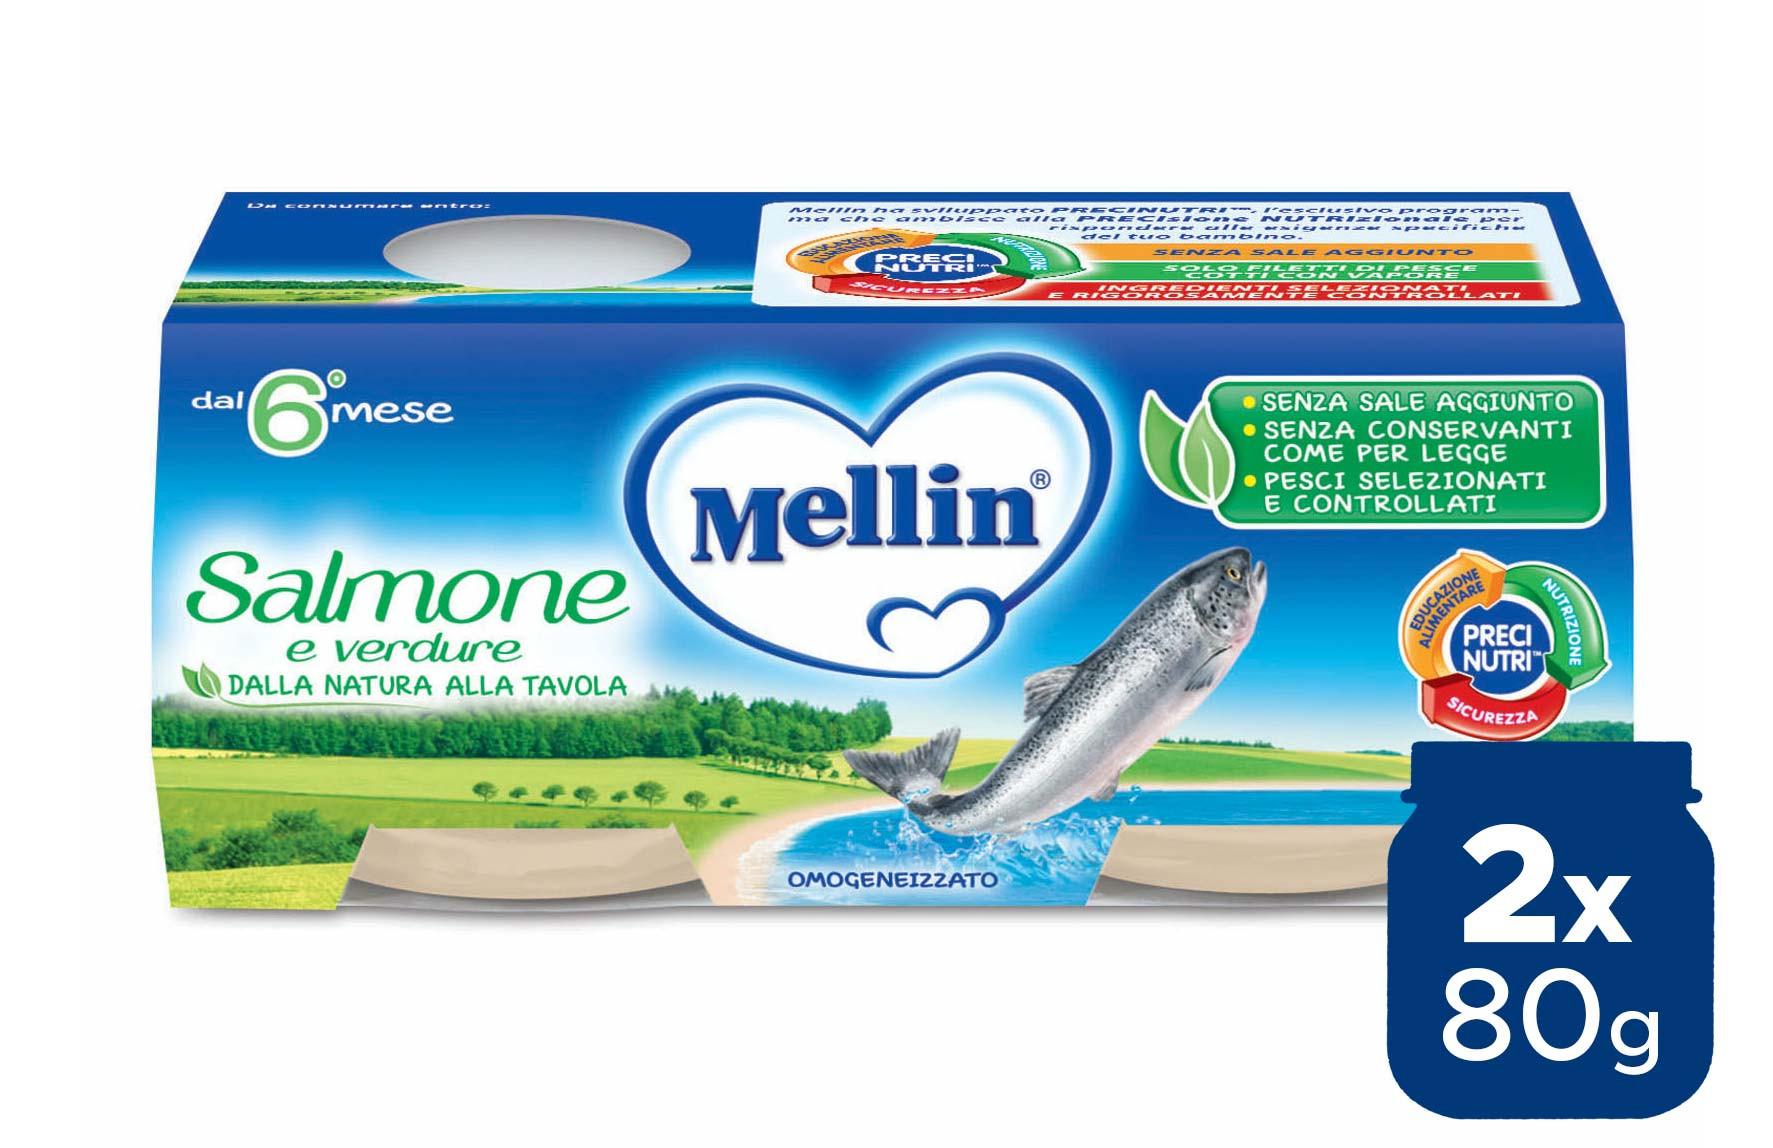 Omogeneizzato Salmone Mellin - 2 x 80 g